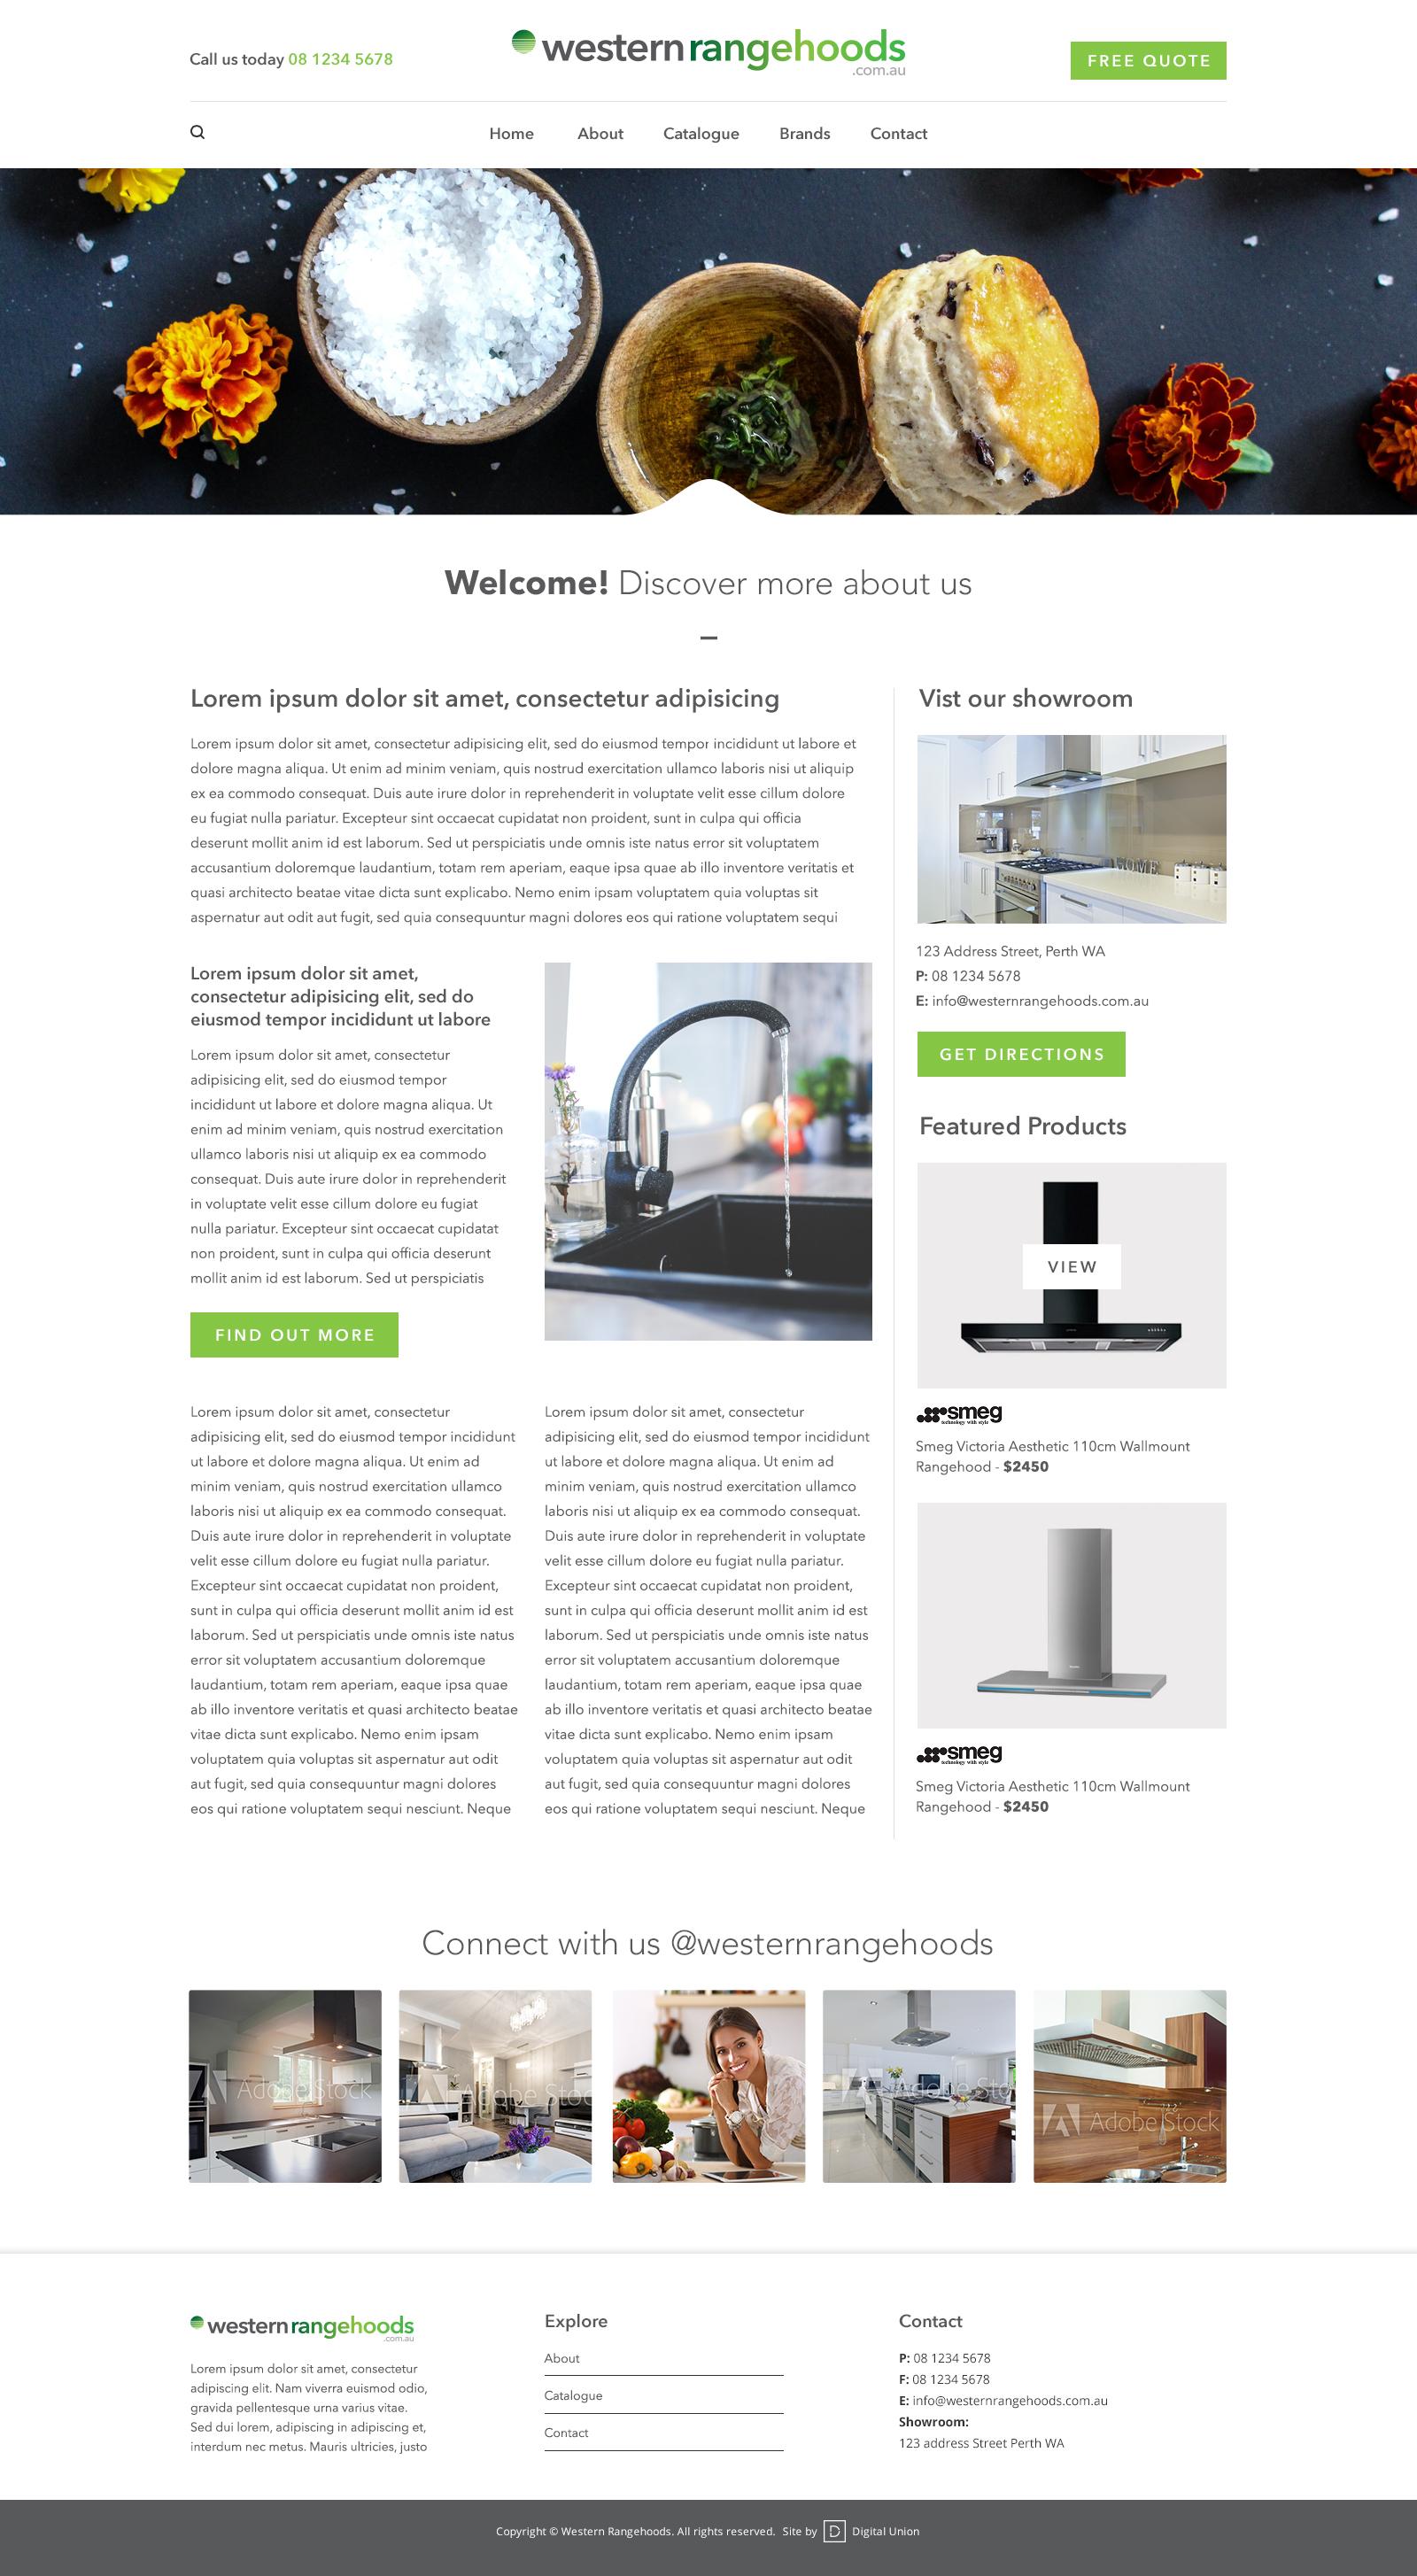 Western Rangehoods Website Internal -1.jpg